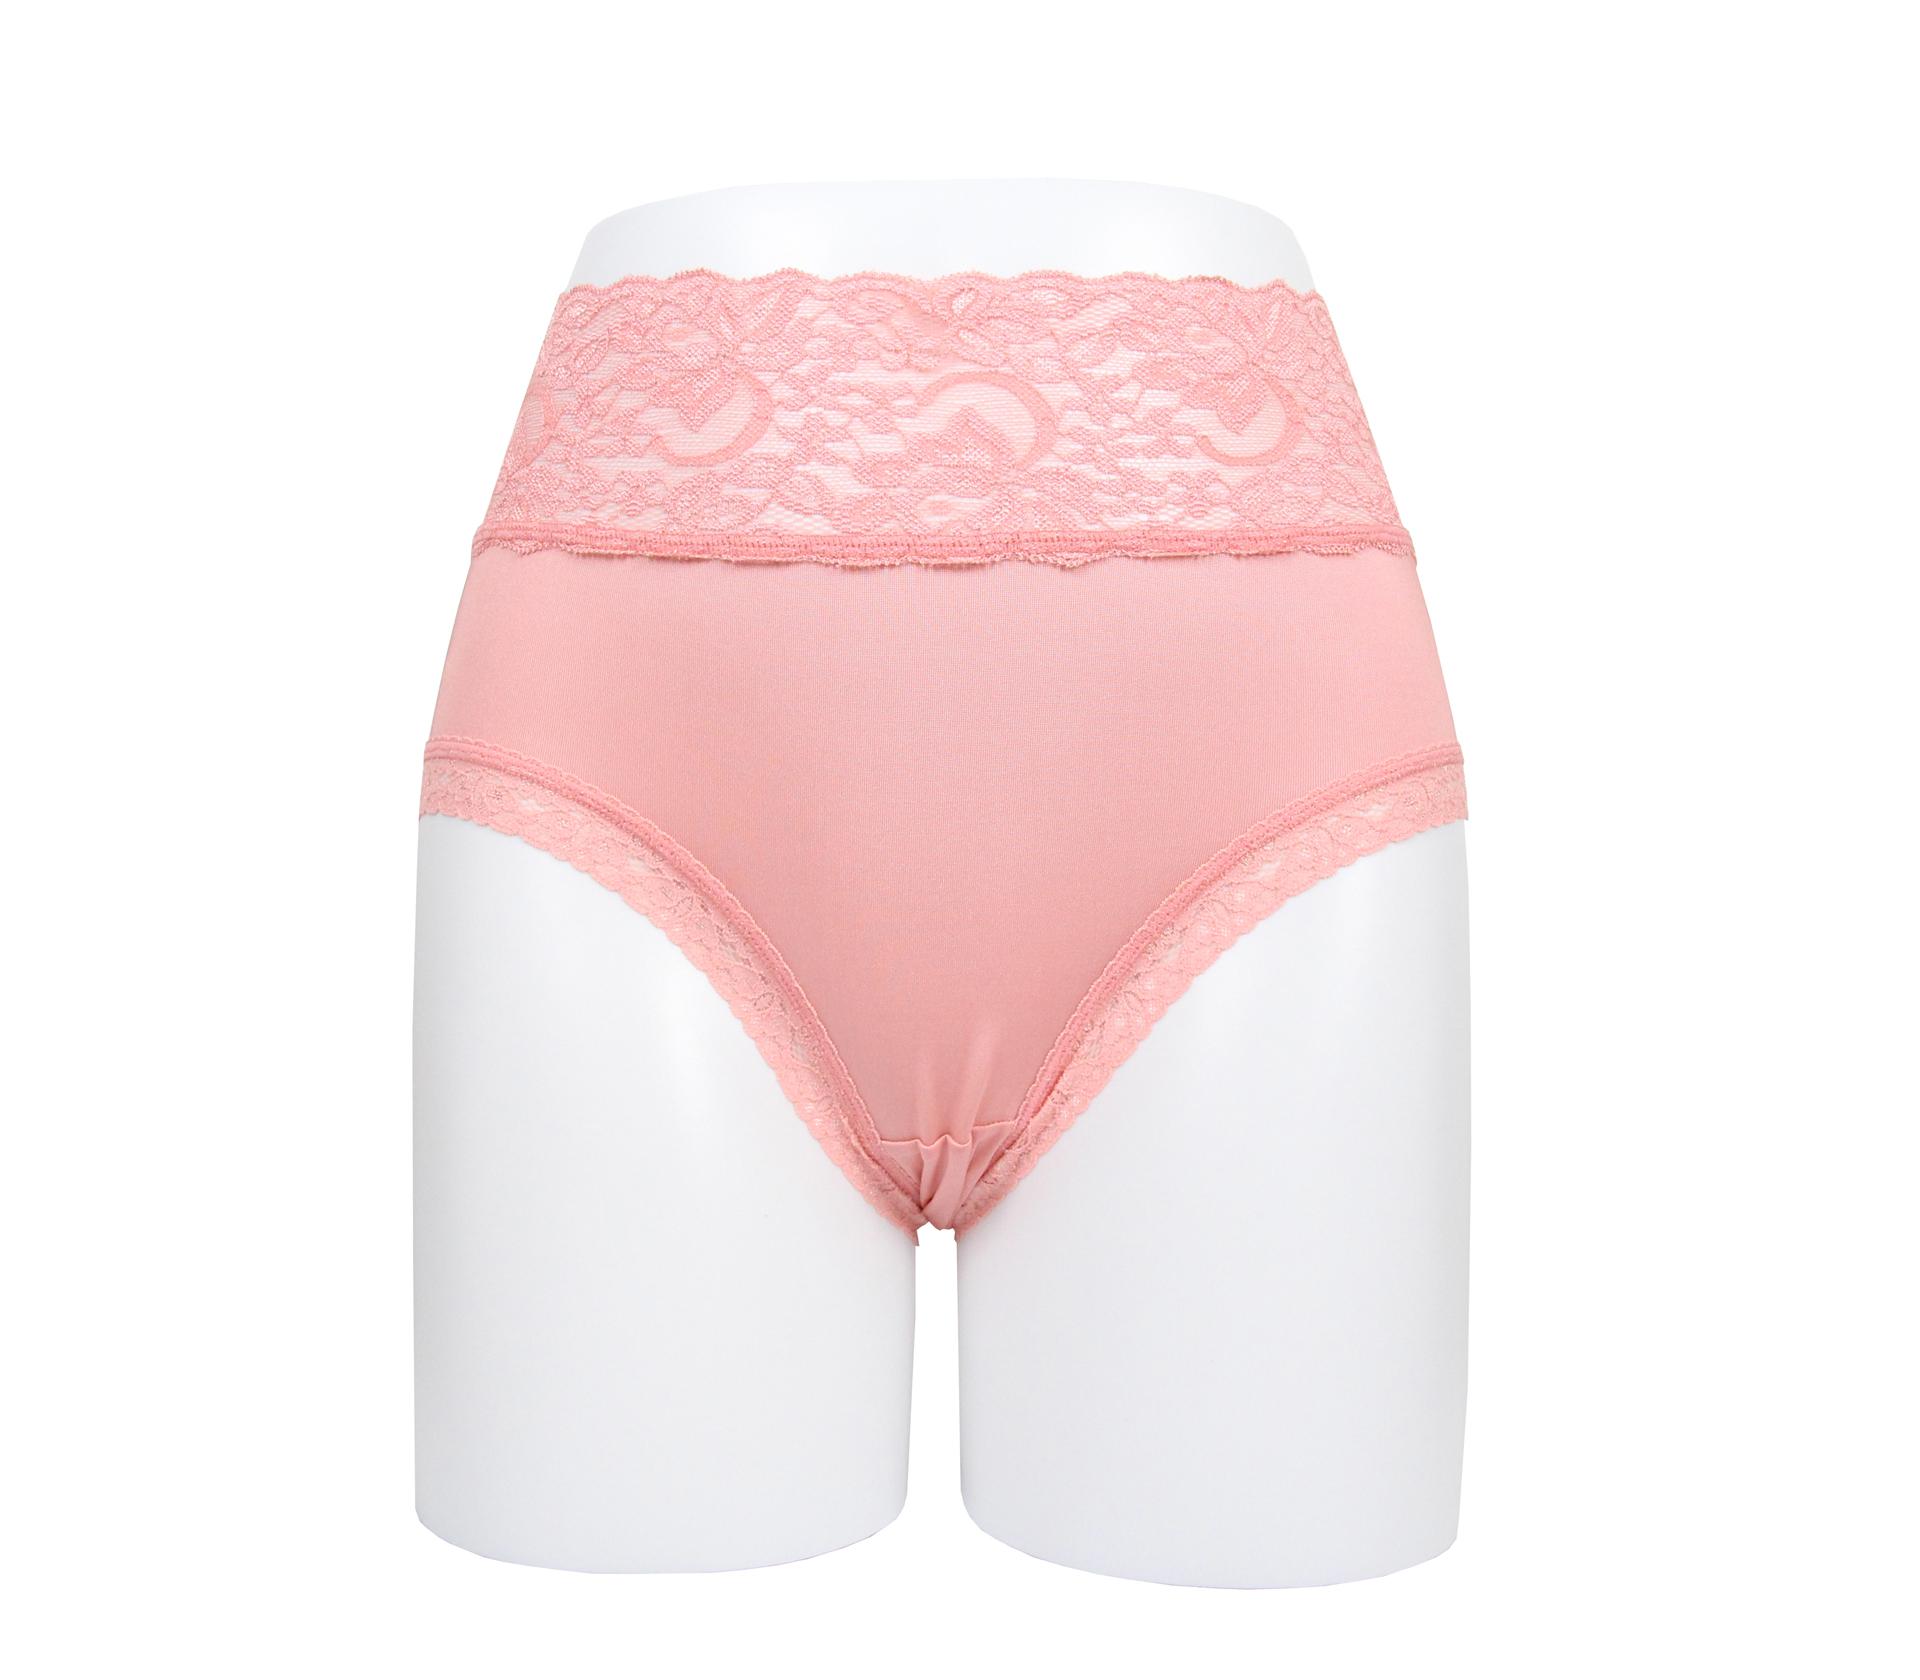 闕蘭絹花朵蕾絲100%蠶絲內褲 - 88909 (粉)